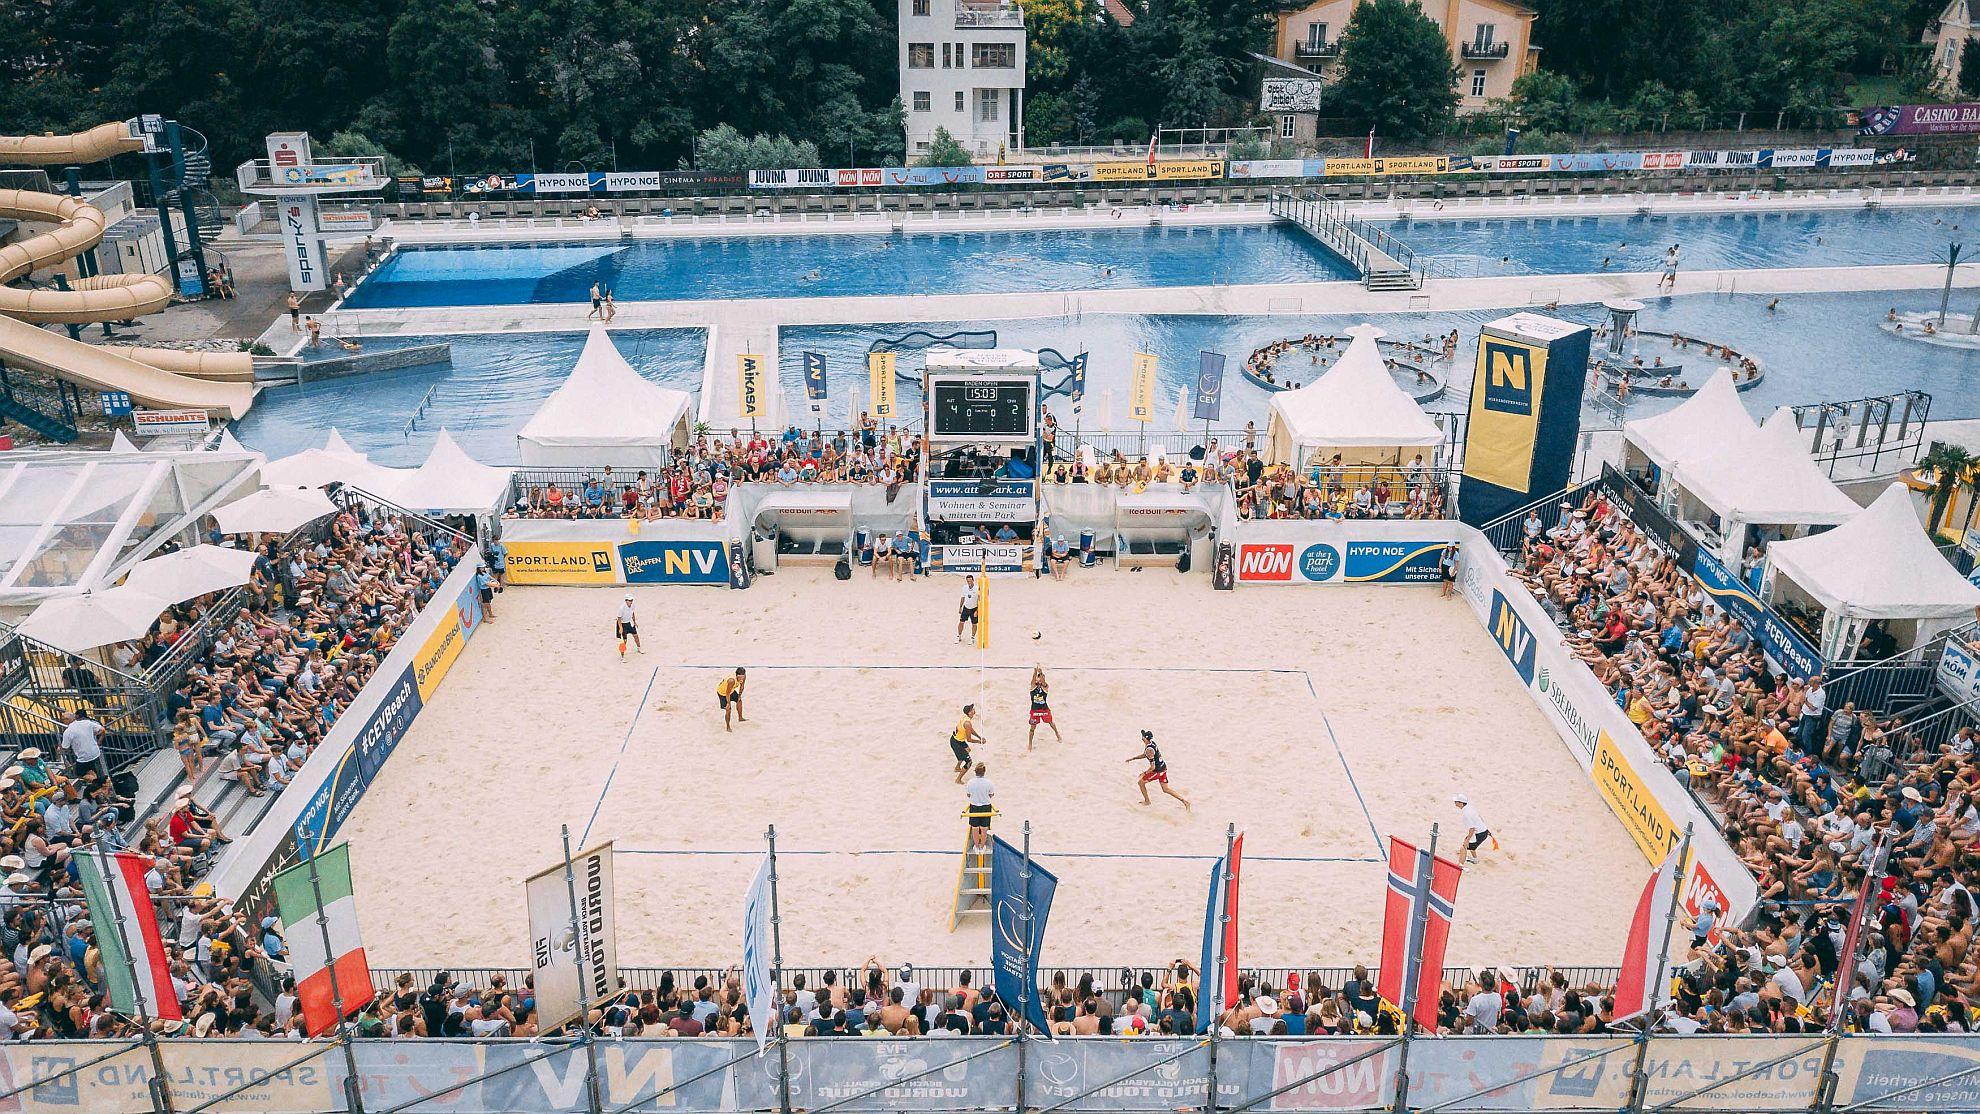 FIVB World Tour Baden Open 2018 - FOTO © EXPA/ Florian Schroetter